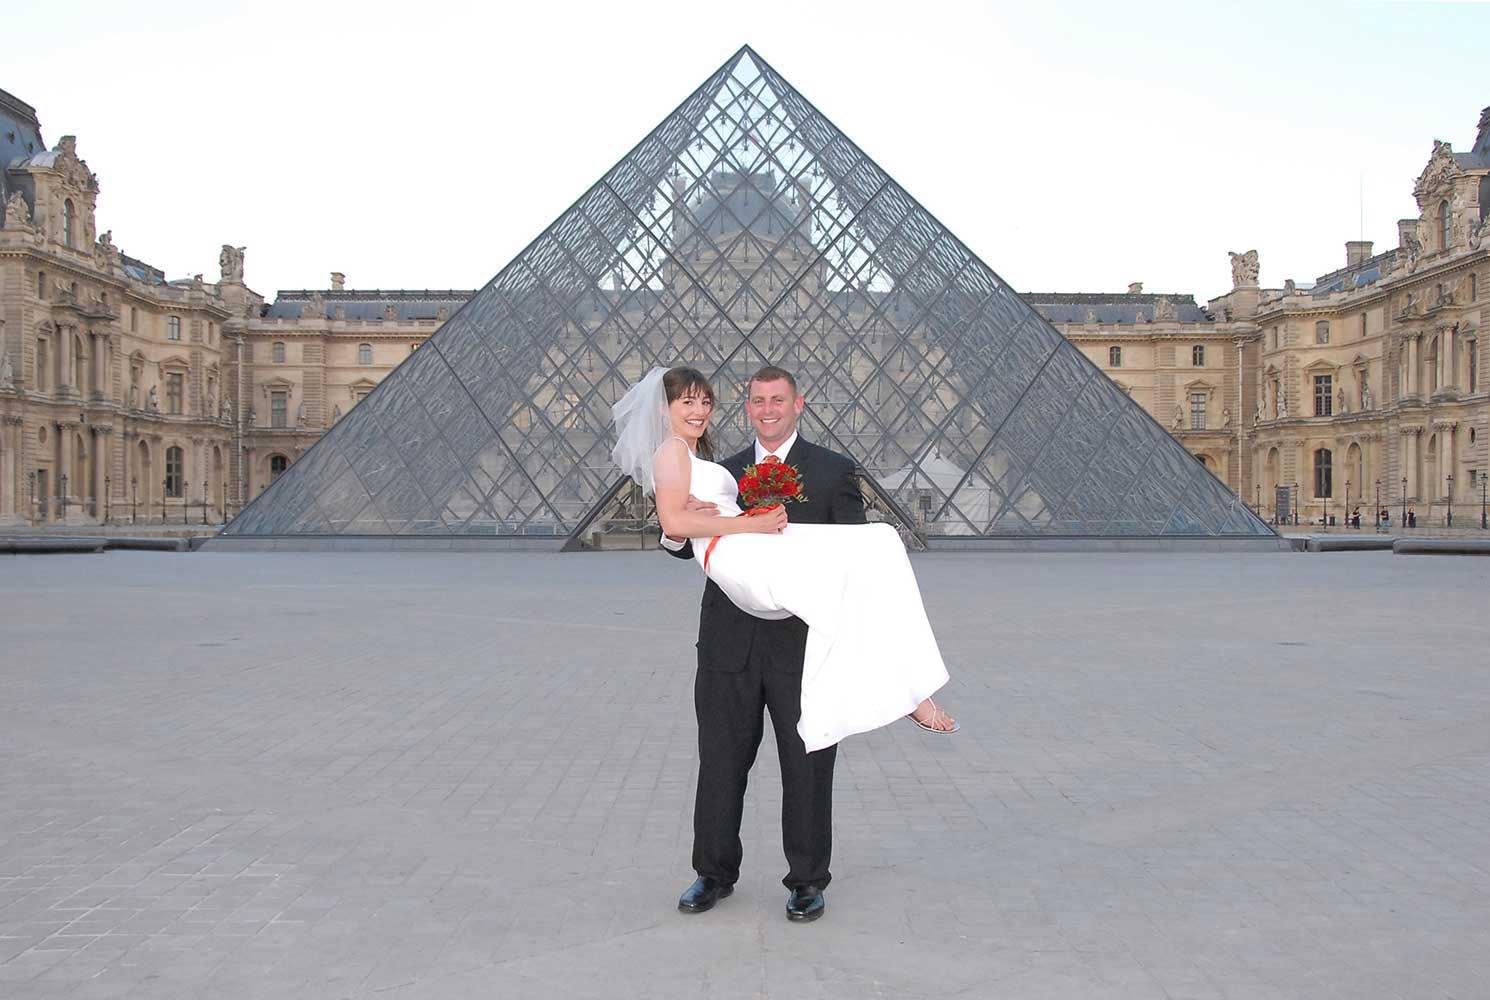 Marie tenant la mariee dans ses bras, pyramide du Louvre, Paris